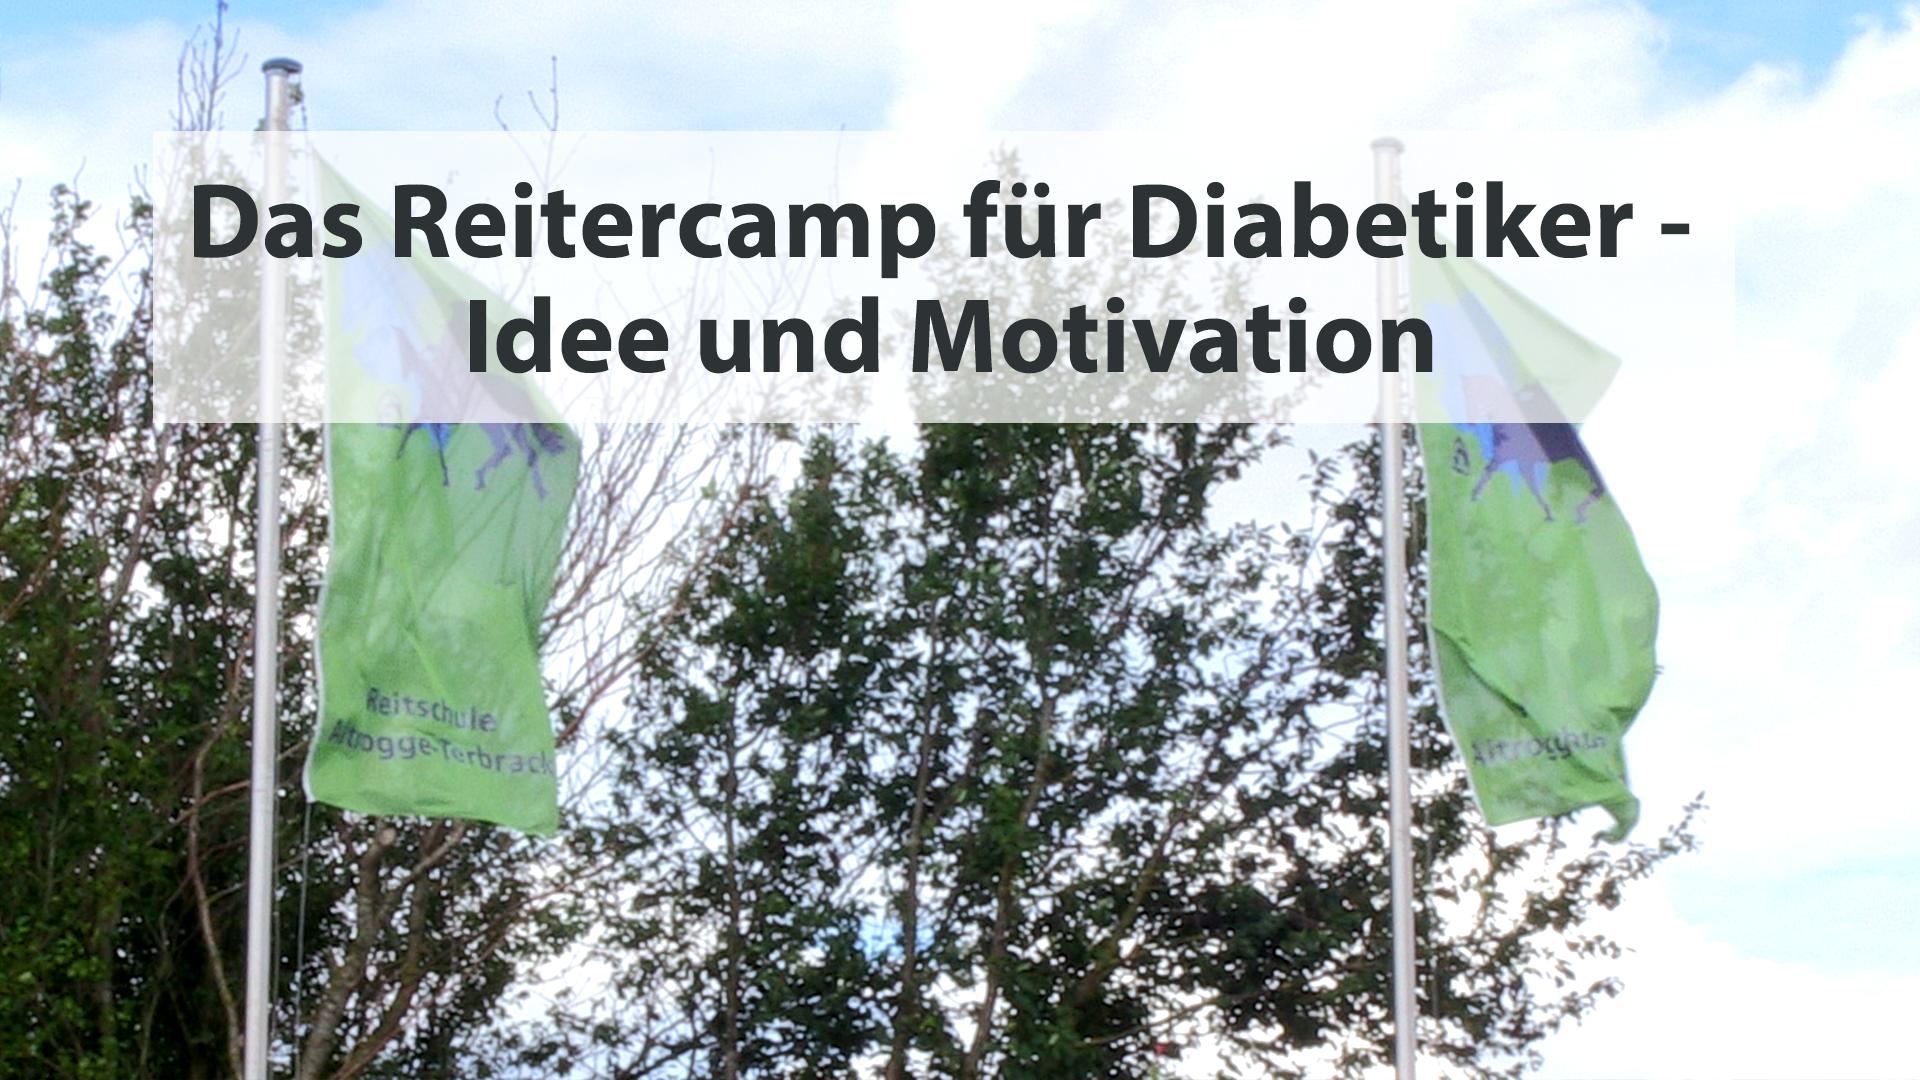 Das Reitercamp für Diabetiker – Idee und Motivation